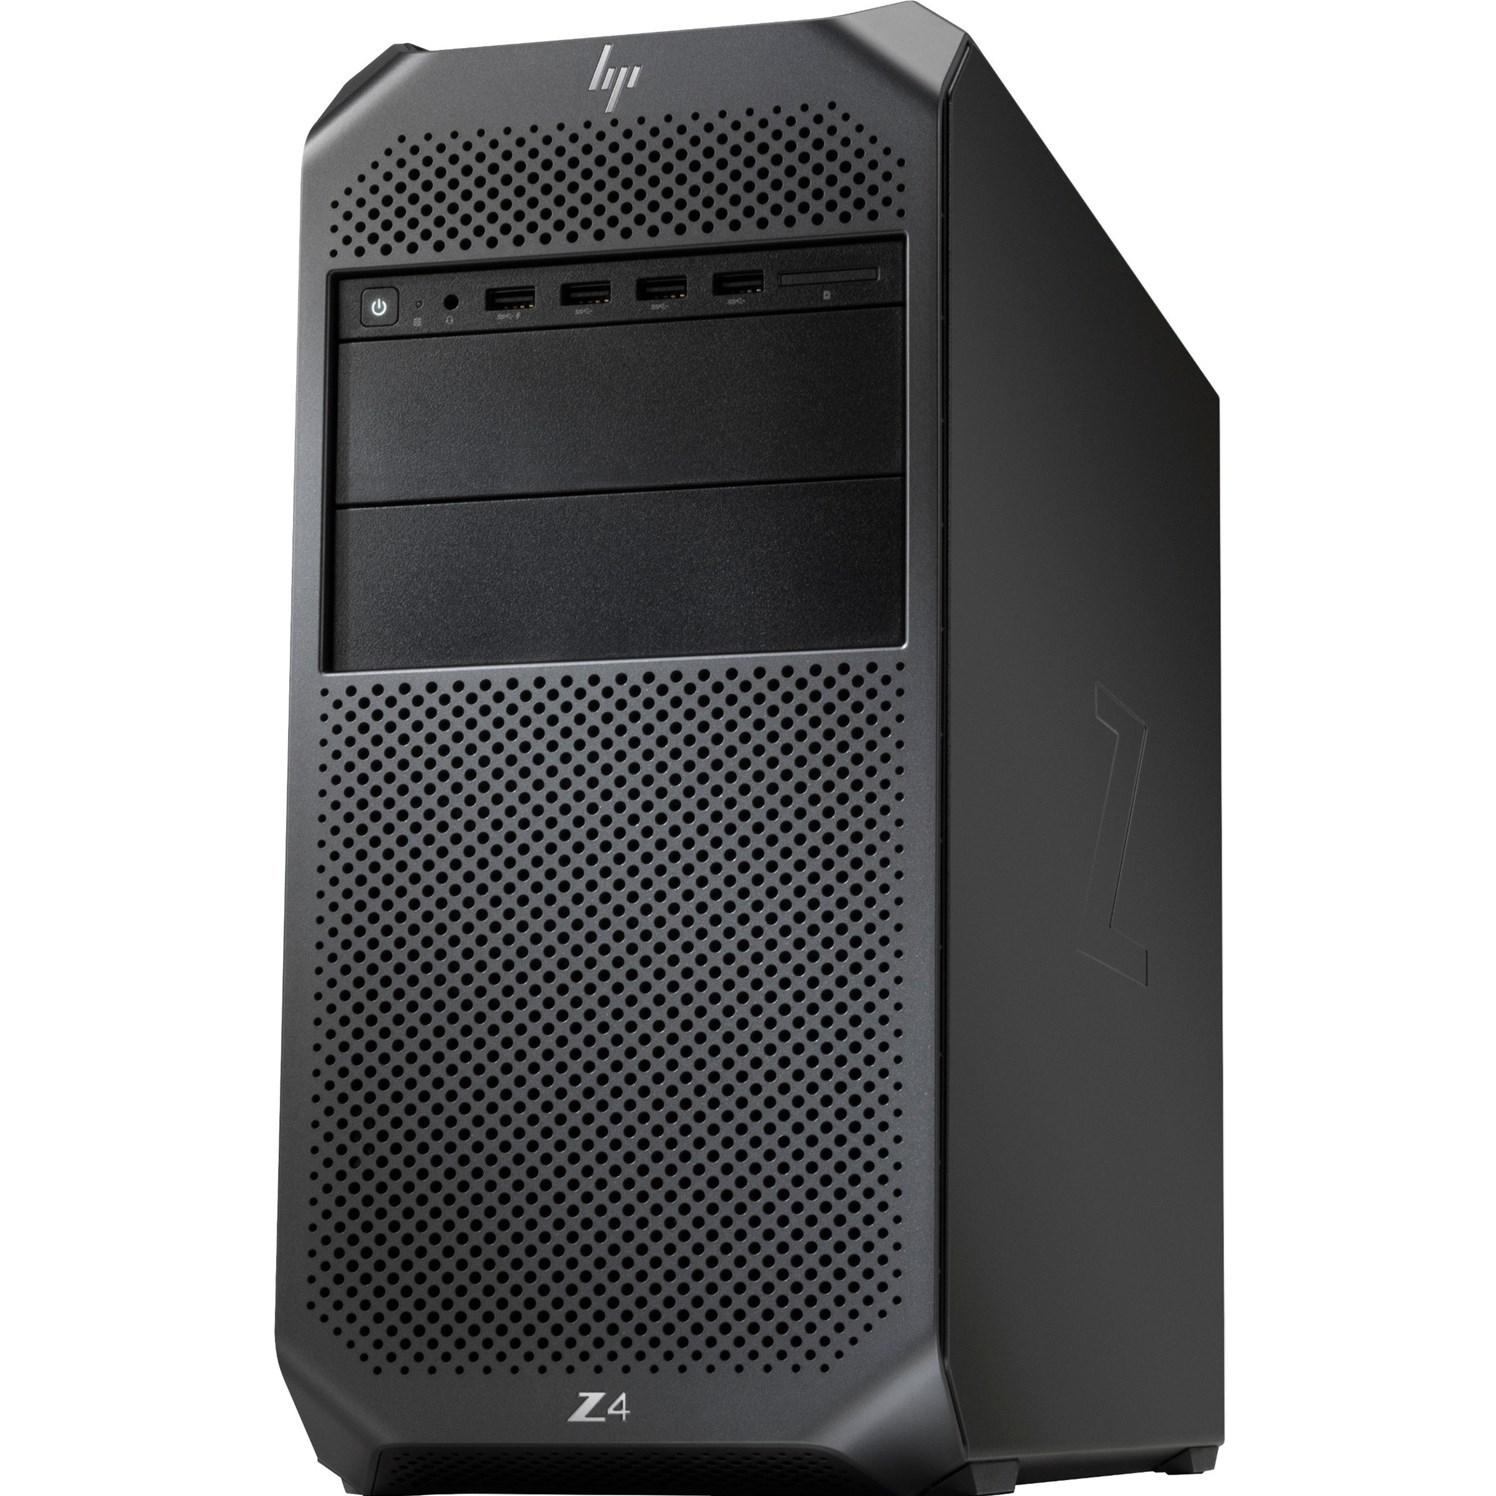 HP Z4 G4 XEON W-2102 P620-2G 8GB 1TB W10P FW